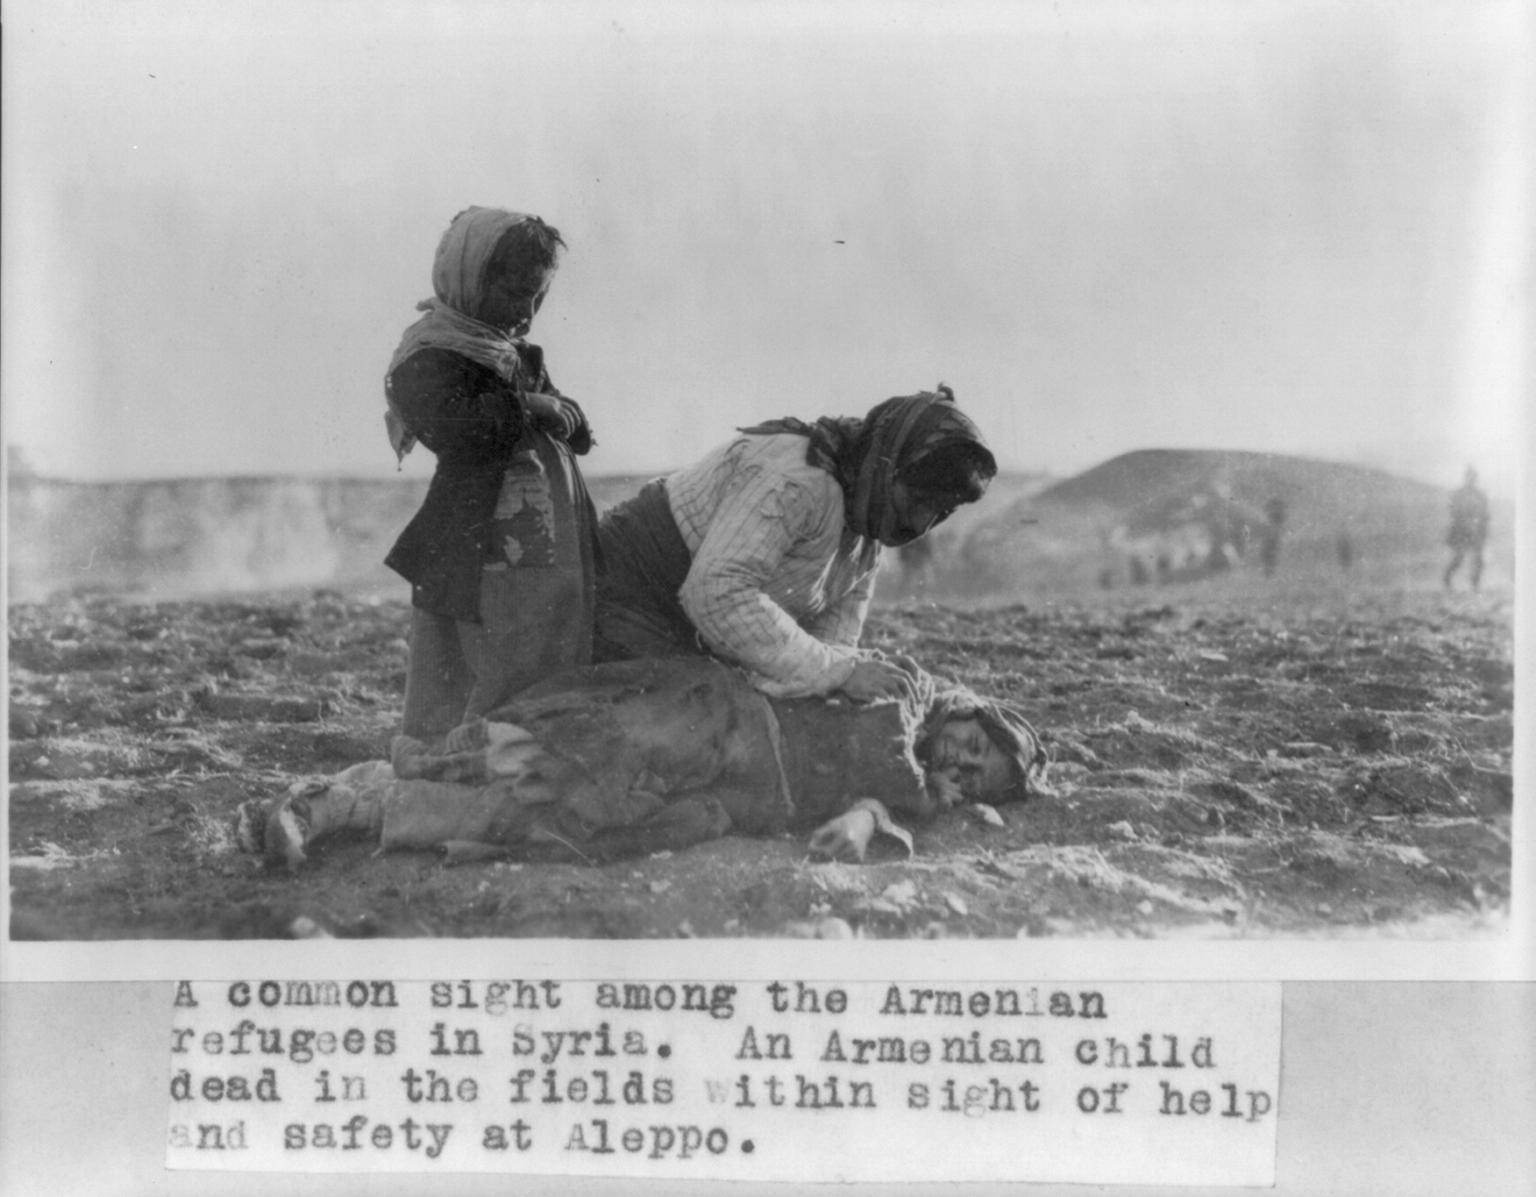 Армянская женщина на коленях рядом с мертвым ребенком на поле, близ Алеппо, Сирия. 1915